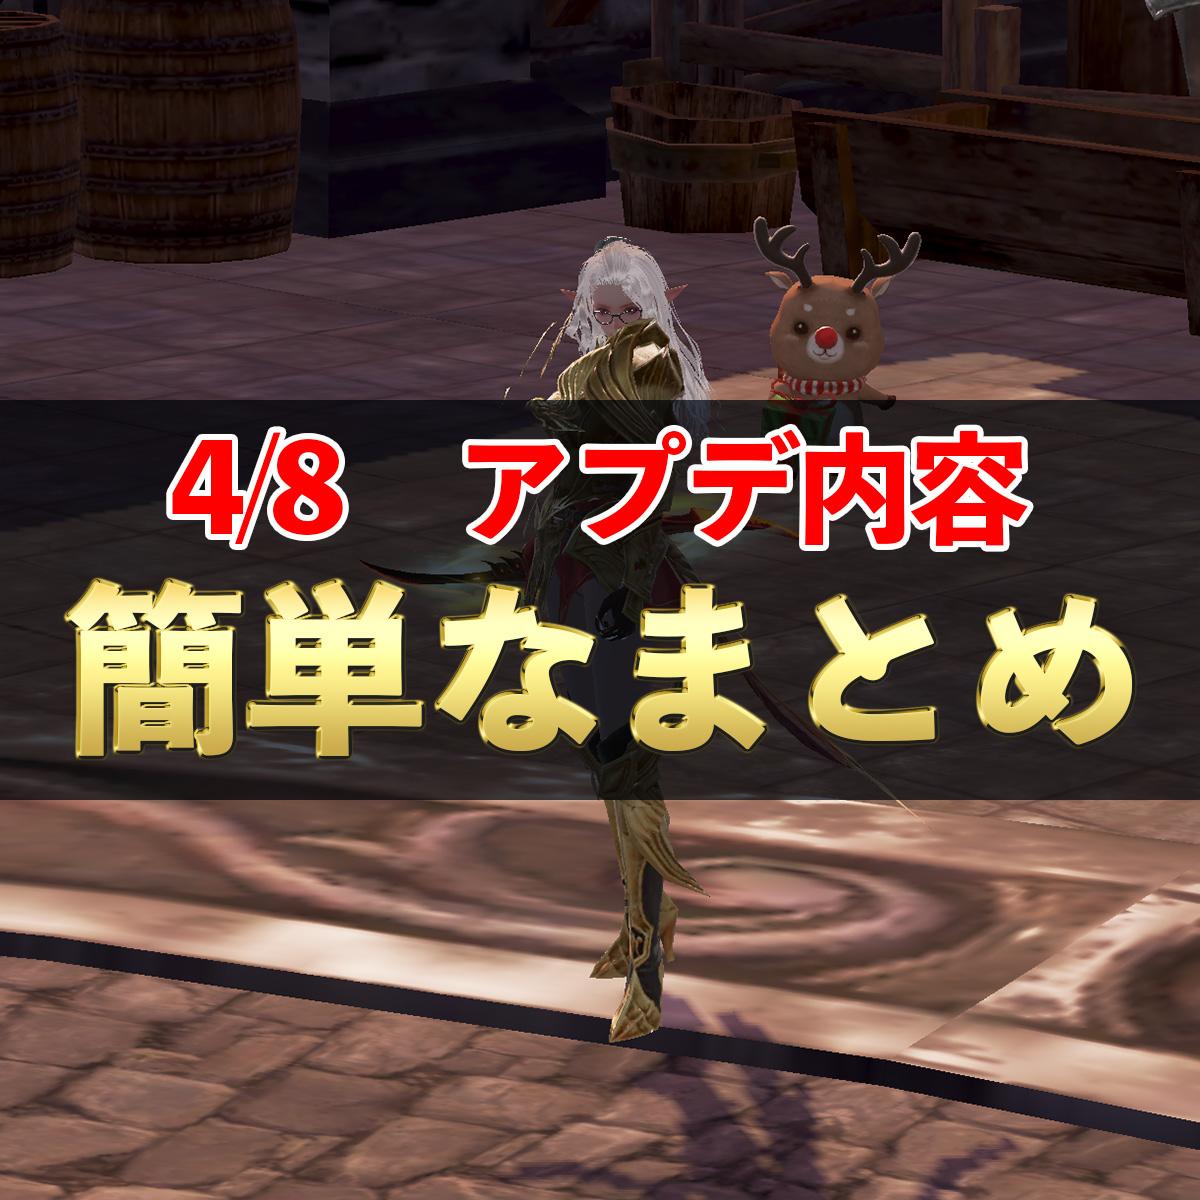 4/8アップデートまとめ